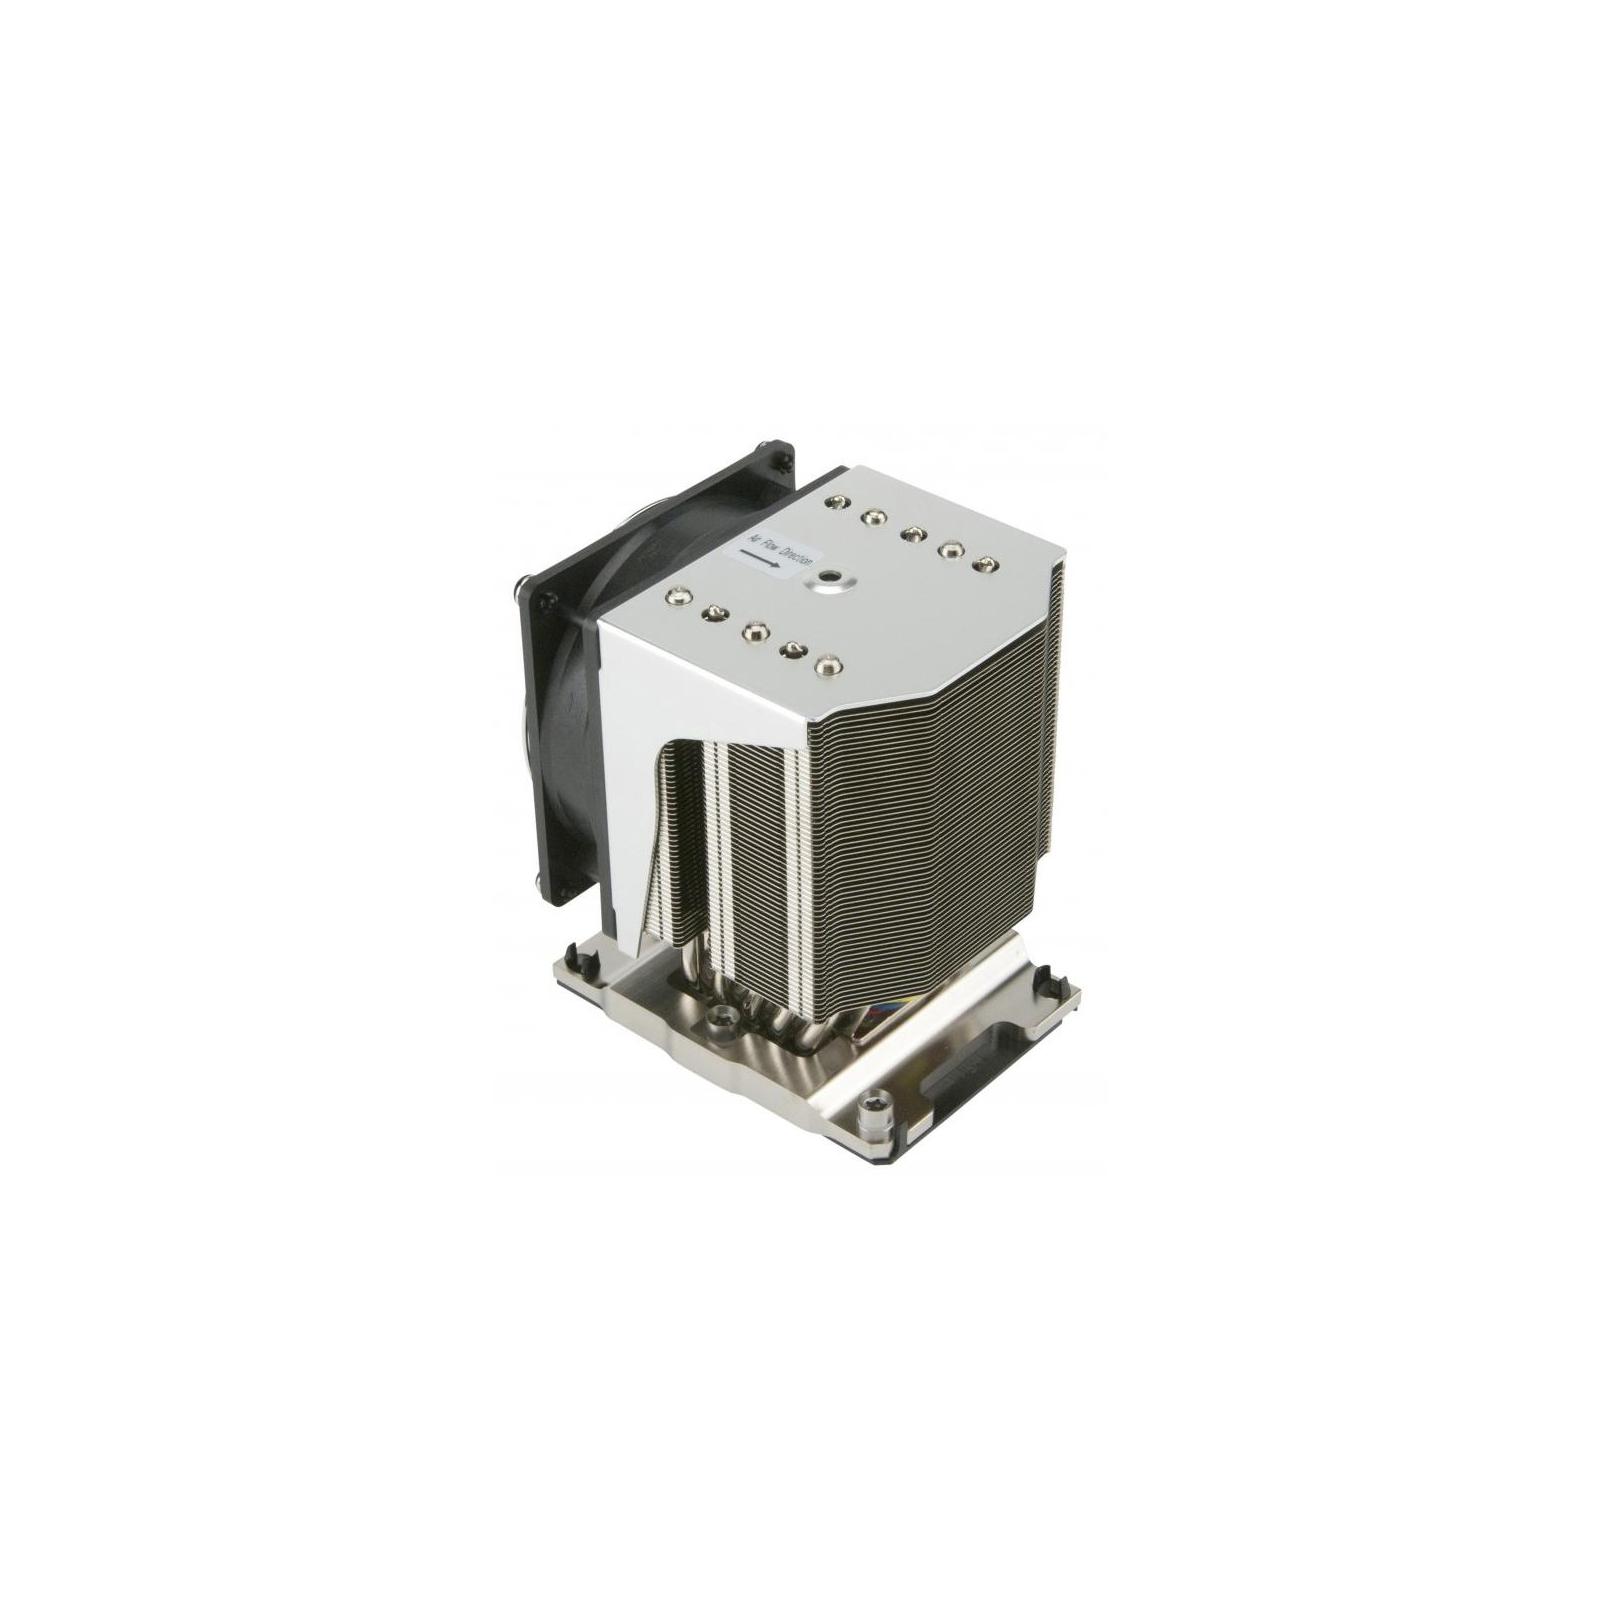 Кулер Supermicro SNK-P0070APS4/LGA3647/4U Active (SNK-P0070APS4) изображение 2